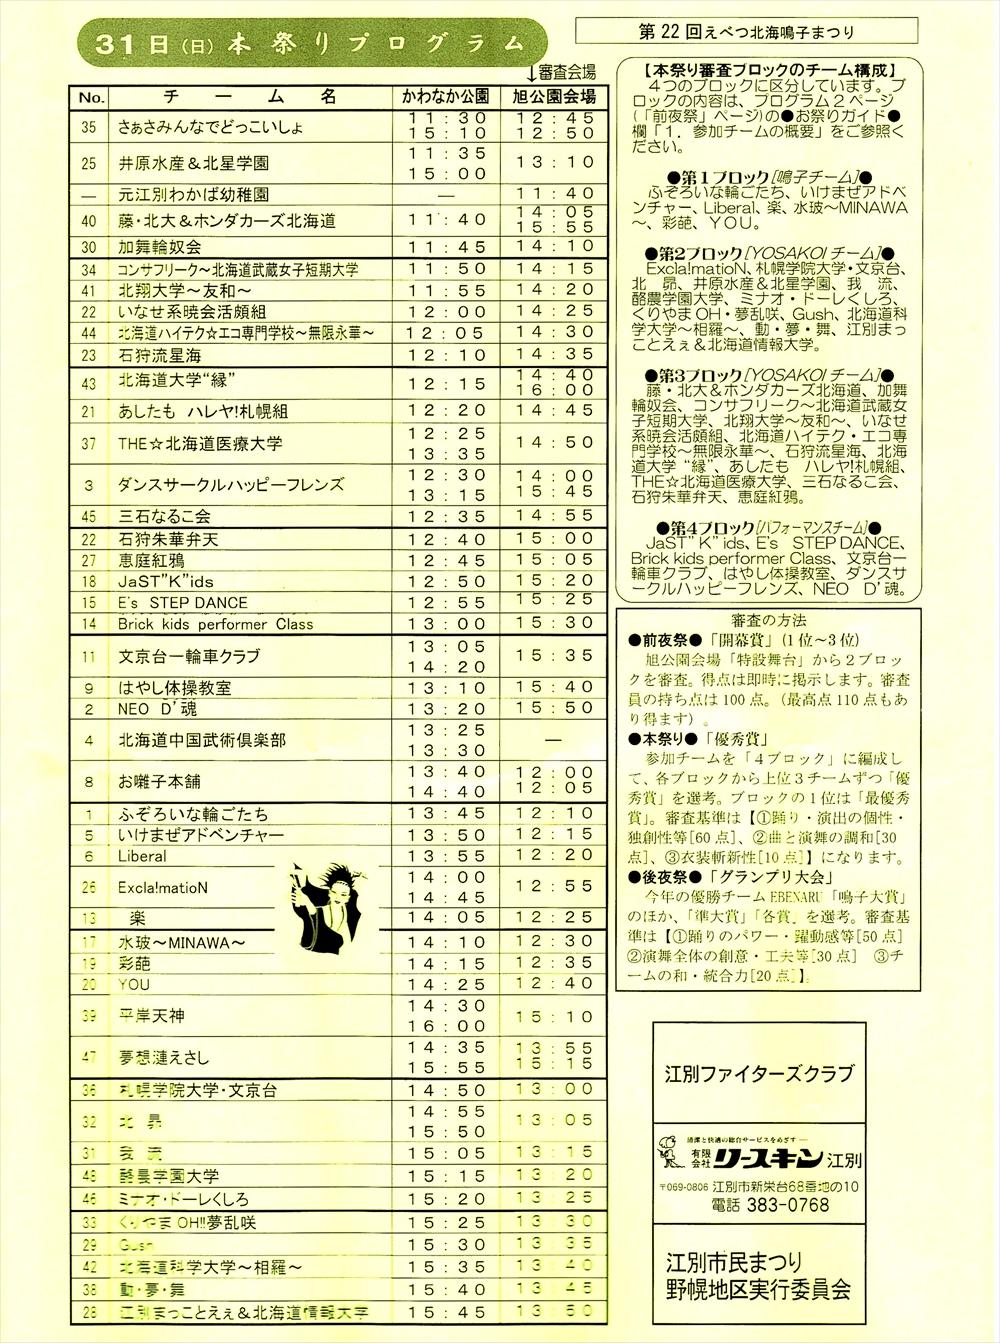 えべつ北海鳴子まつり2016出場チーム一覧2